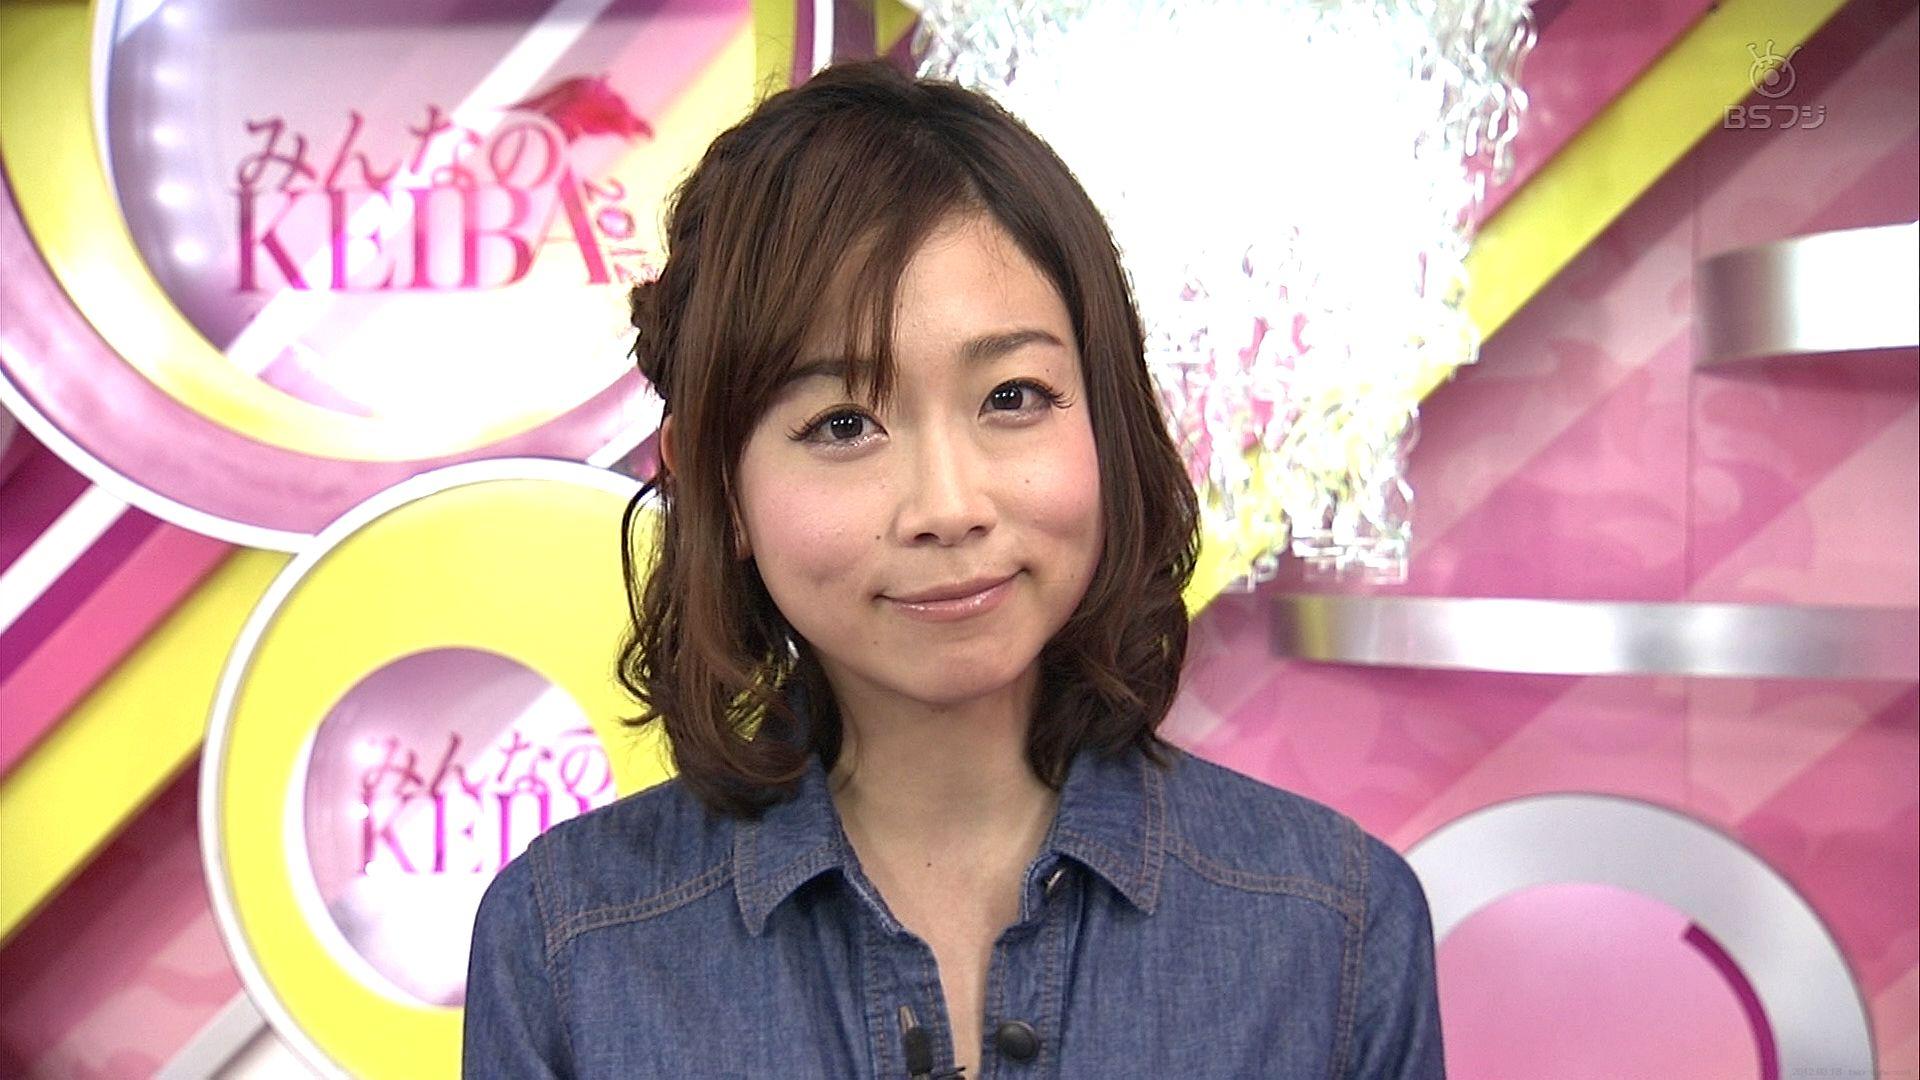 松尾翠スキャンダルのメールを暴露され不倫相手を離婚に追い込む!